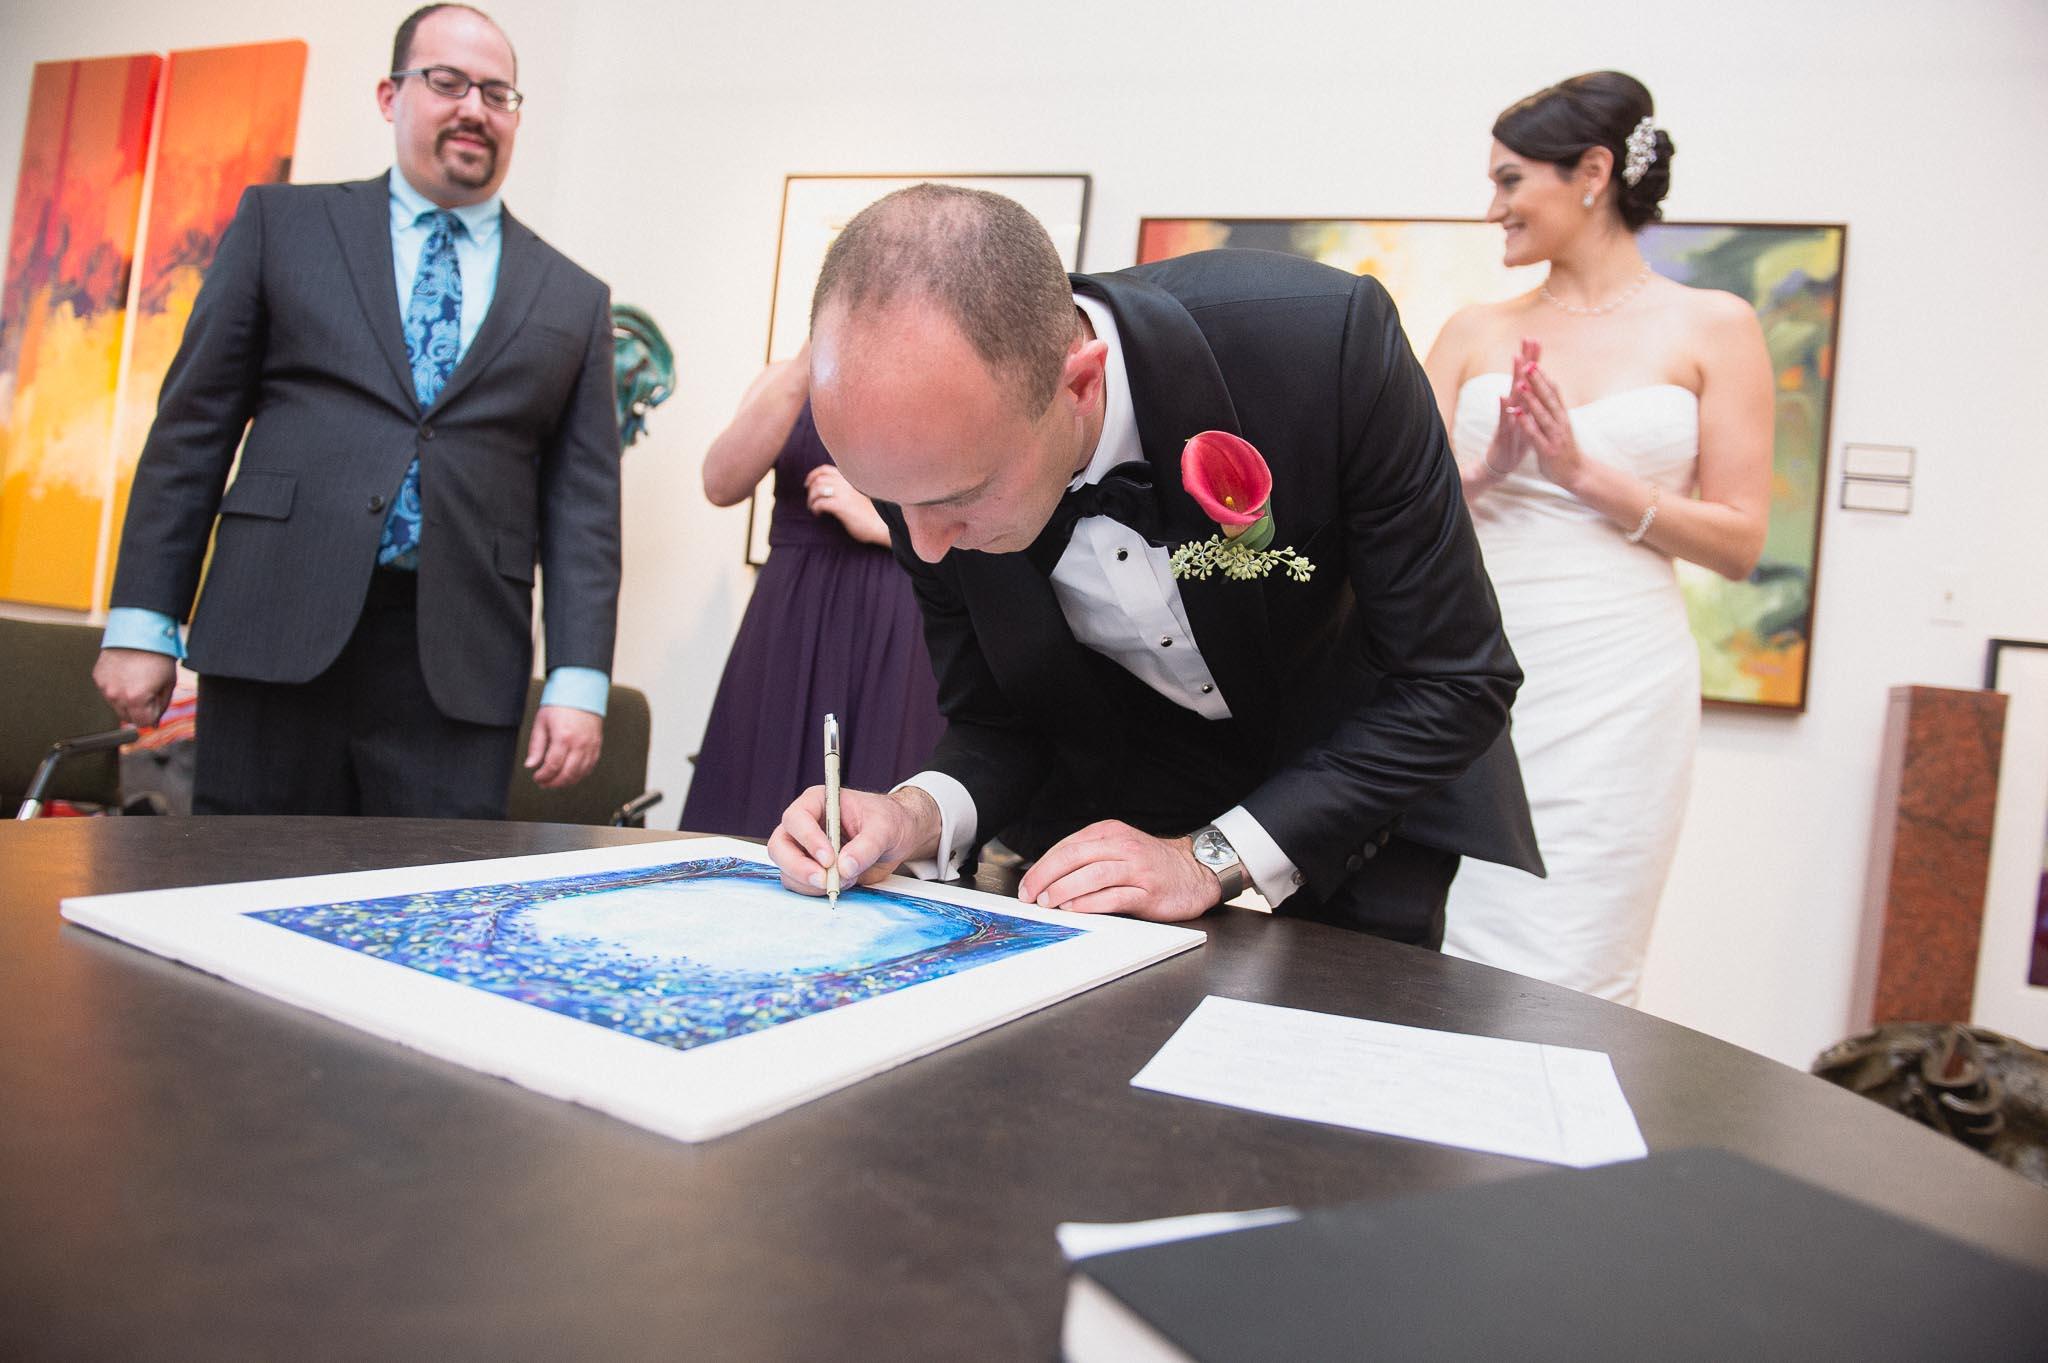 Liz-and-Harry-Ketubah-Signing-14.jpg